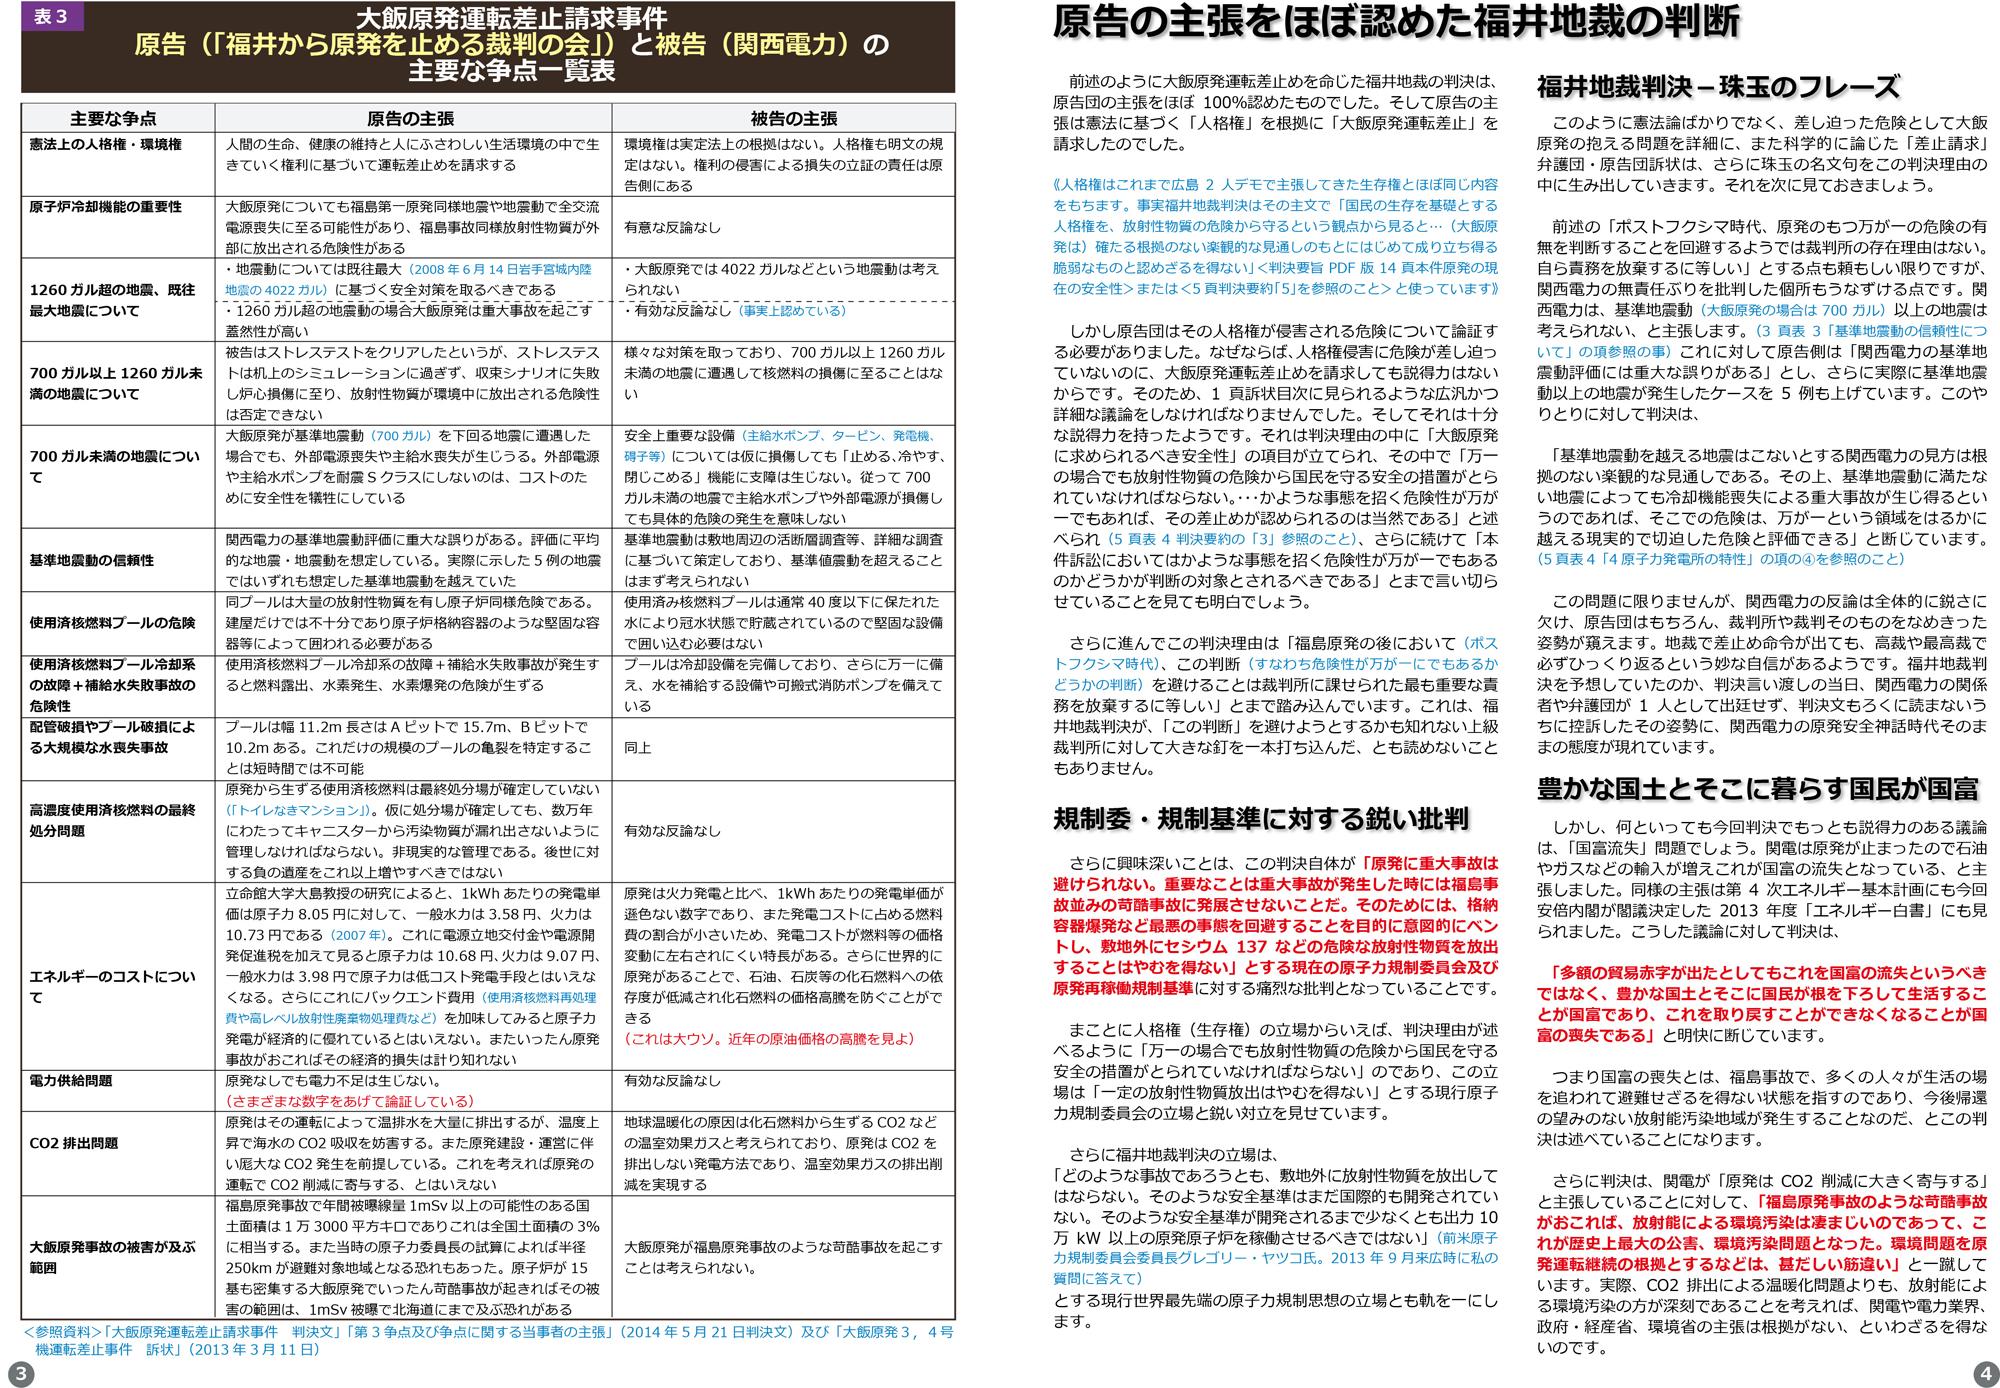 ファイル 21-4.jpg